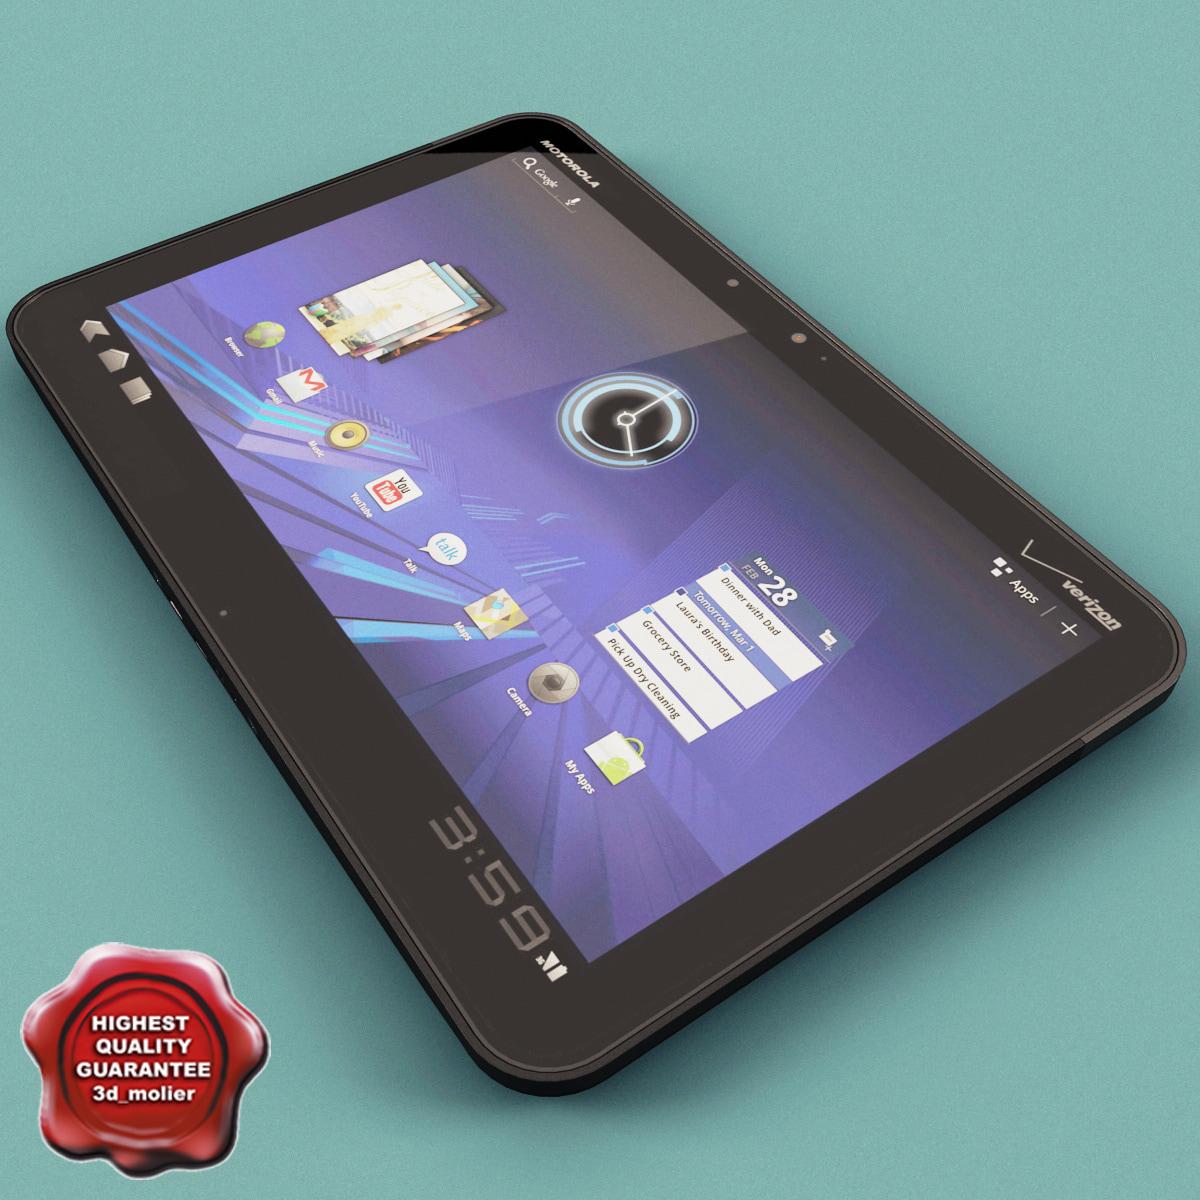 Motorola_Xoom_00.jpg